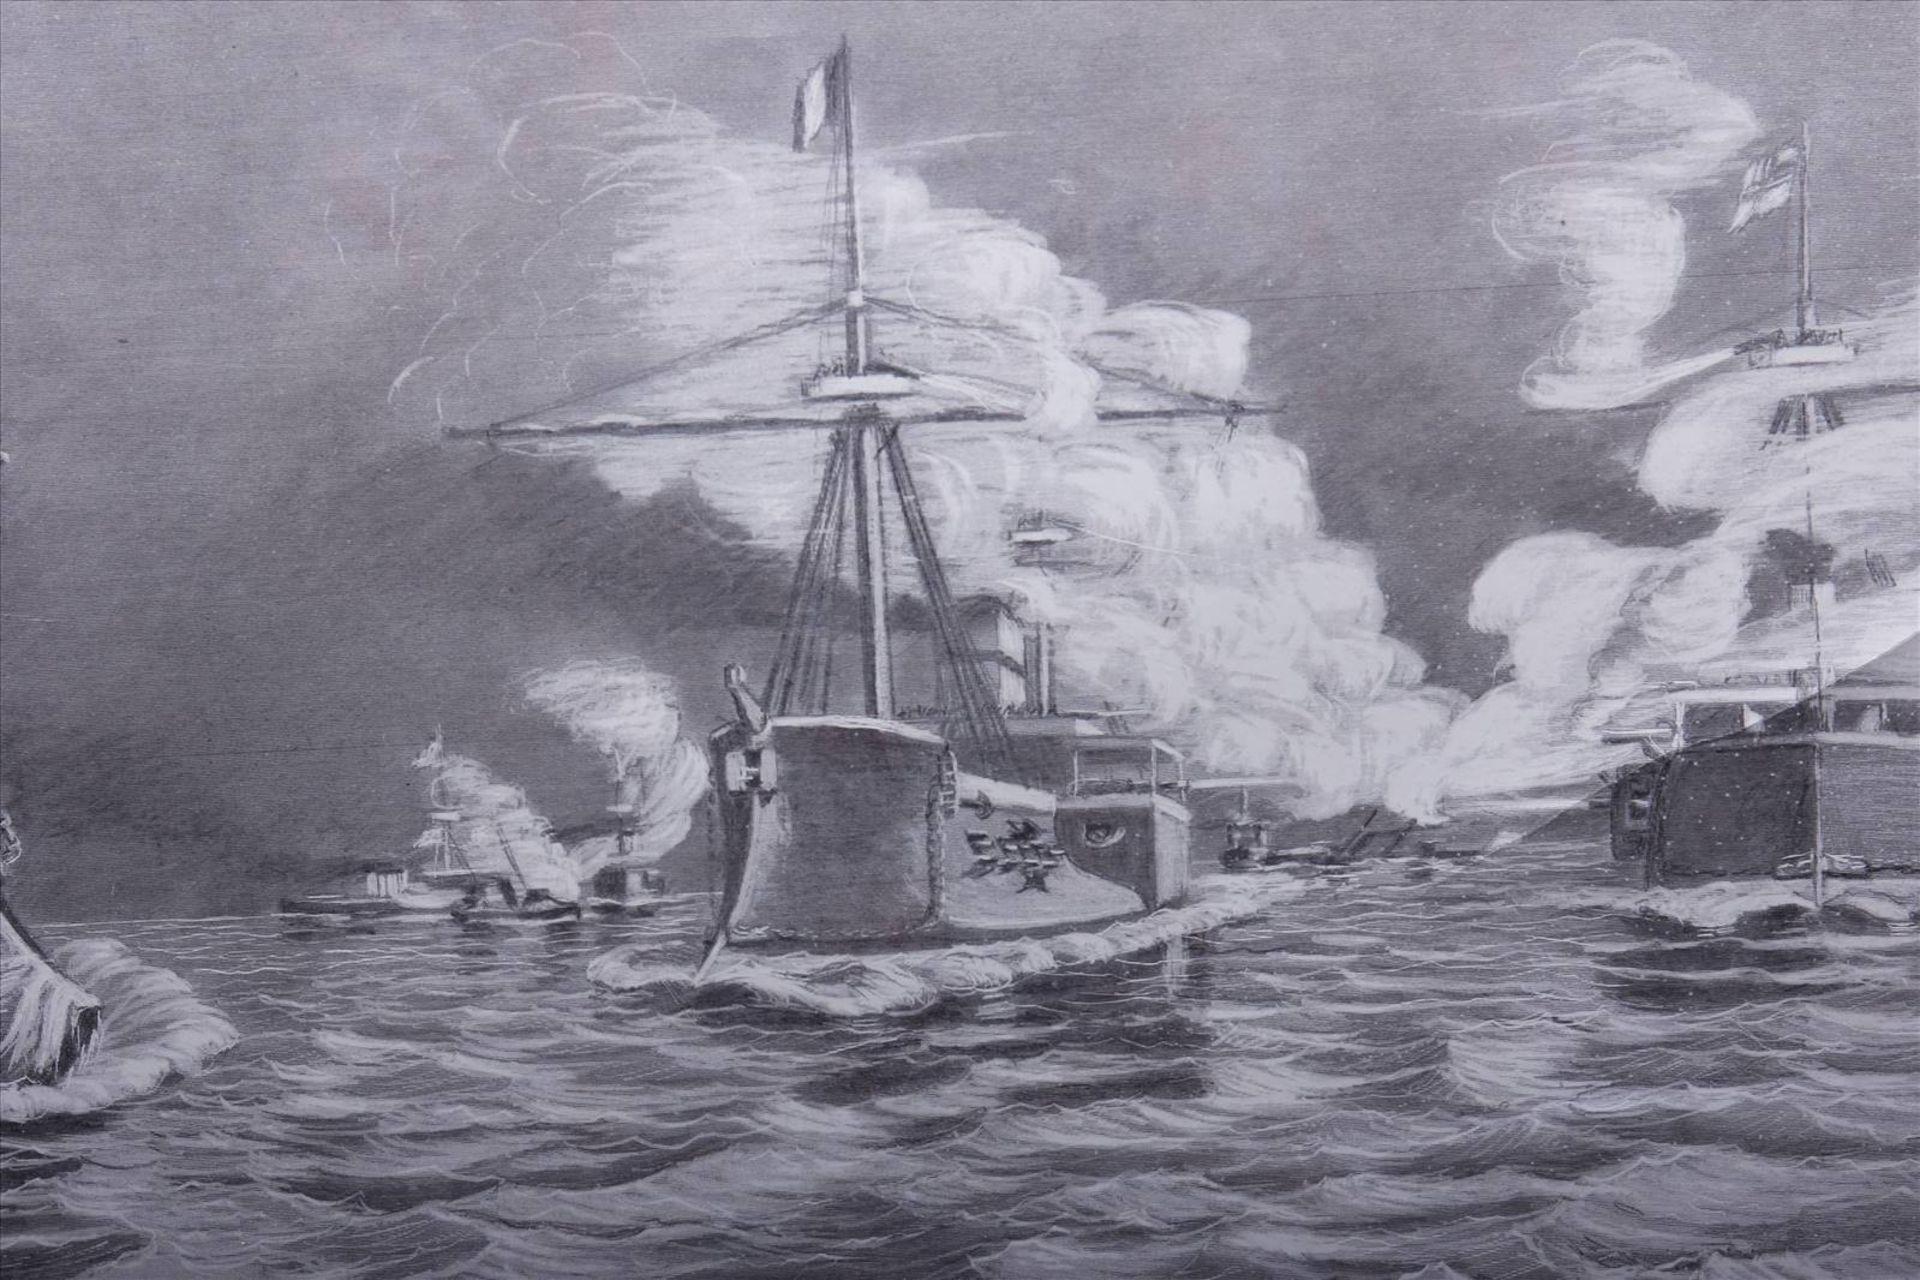 Wilhelm Prinz von Preußen, Kriegsschiffe der MarineDruck nach einem Gemälde, 1886, u.r. im Blatt - Bild 5 aus 6